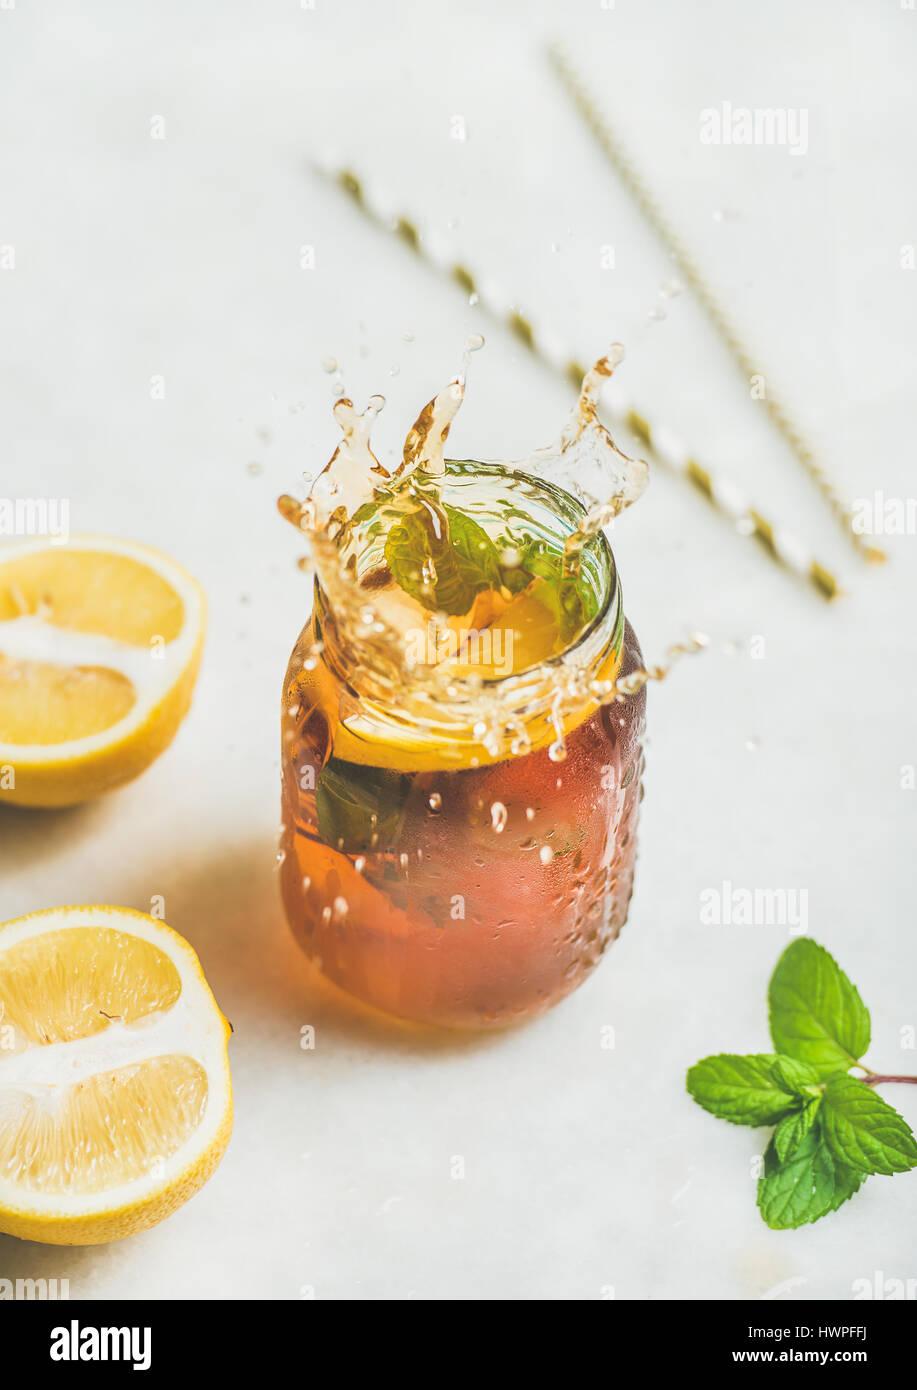 Verano frío helado de té con limón y hierbas, composición vertical Imagen De Stock